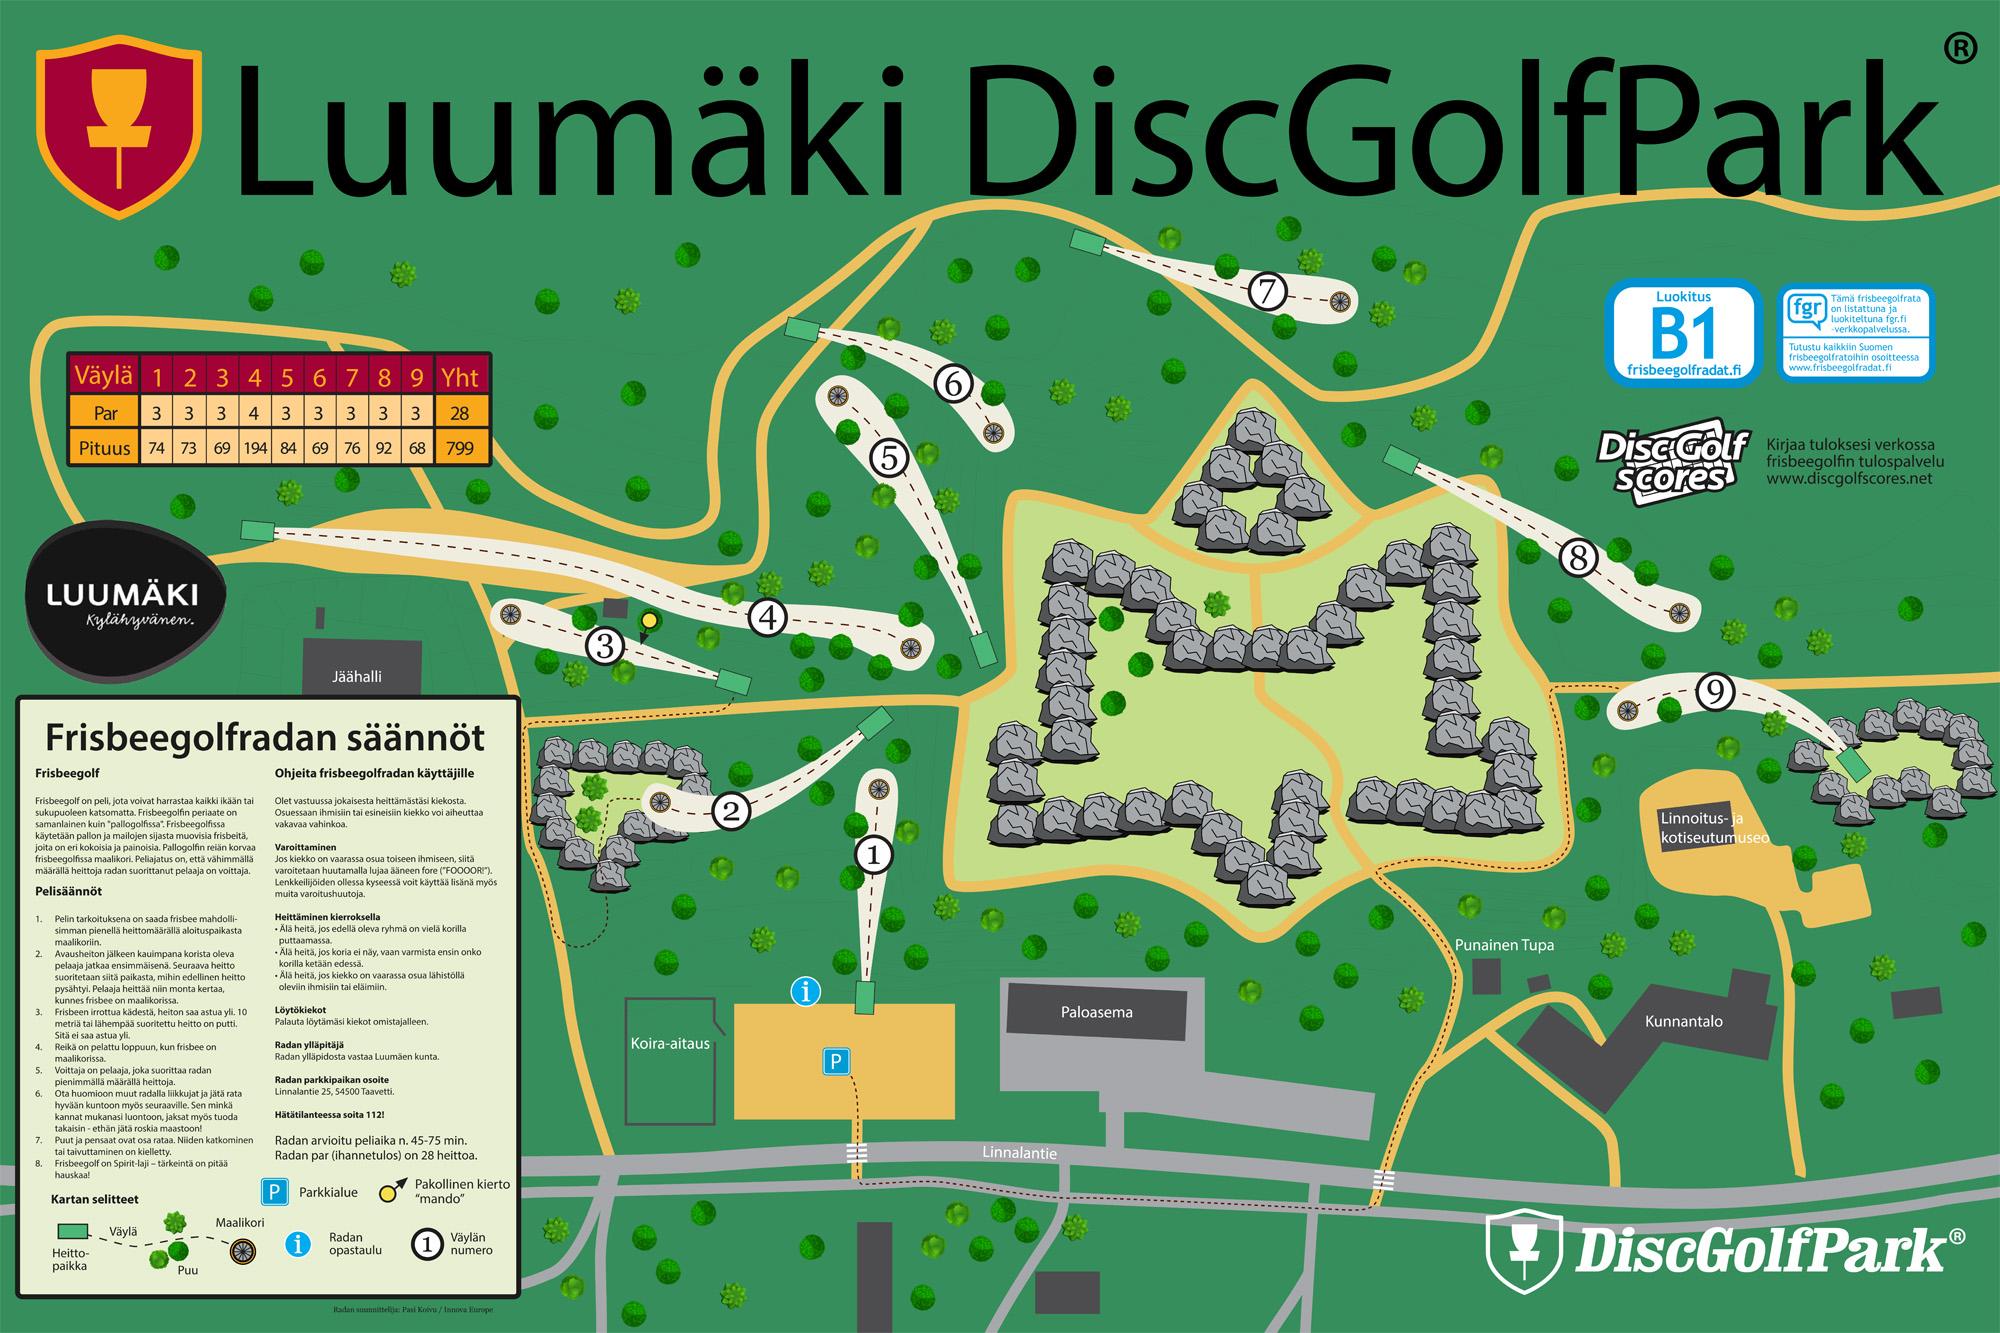 Luumaki Discgolfpark Discgolfpark